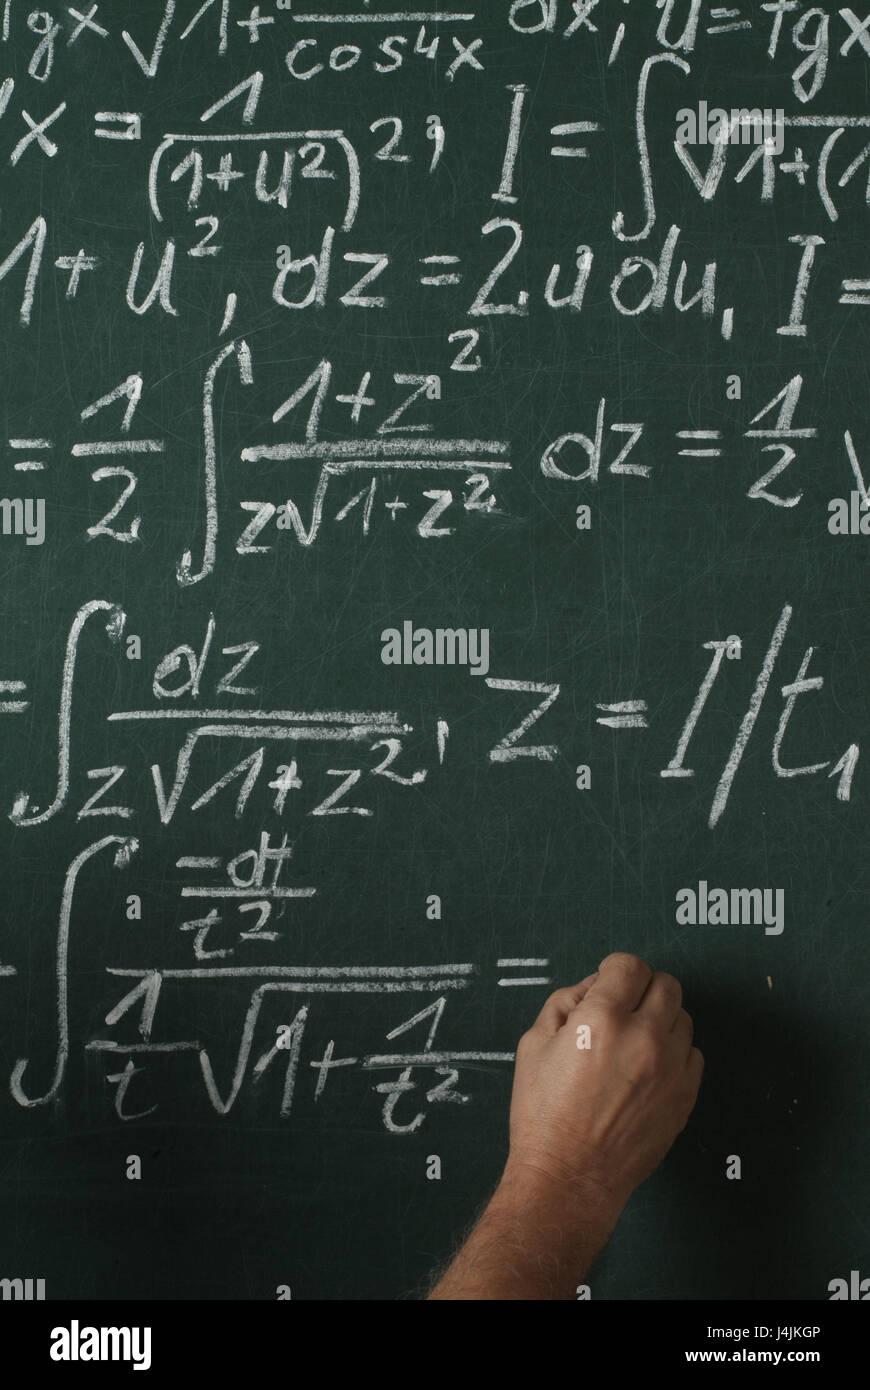 Mathematik Unterricht Schwarze Schulbehörde Hand Integral Kalkül